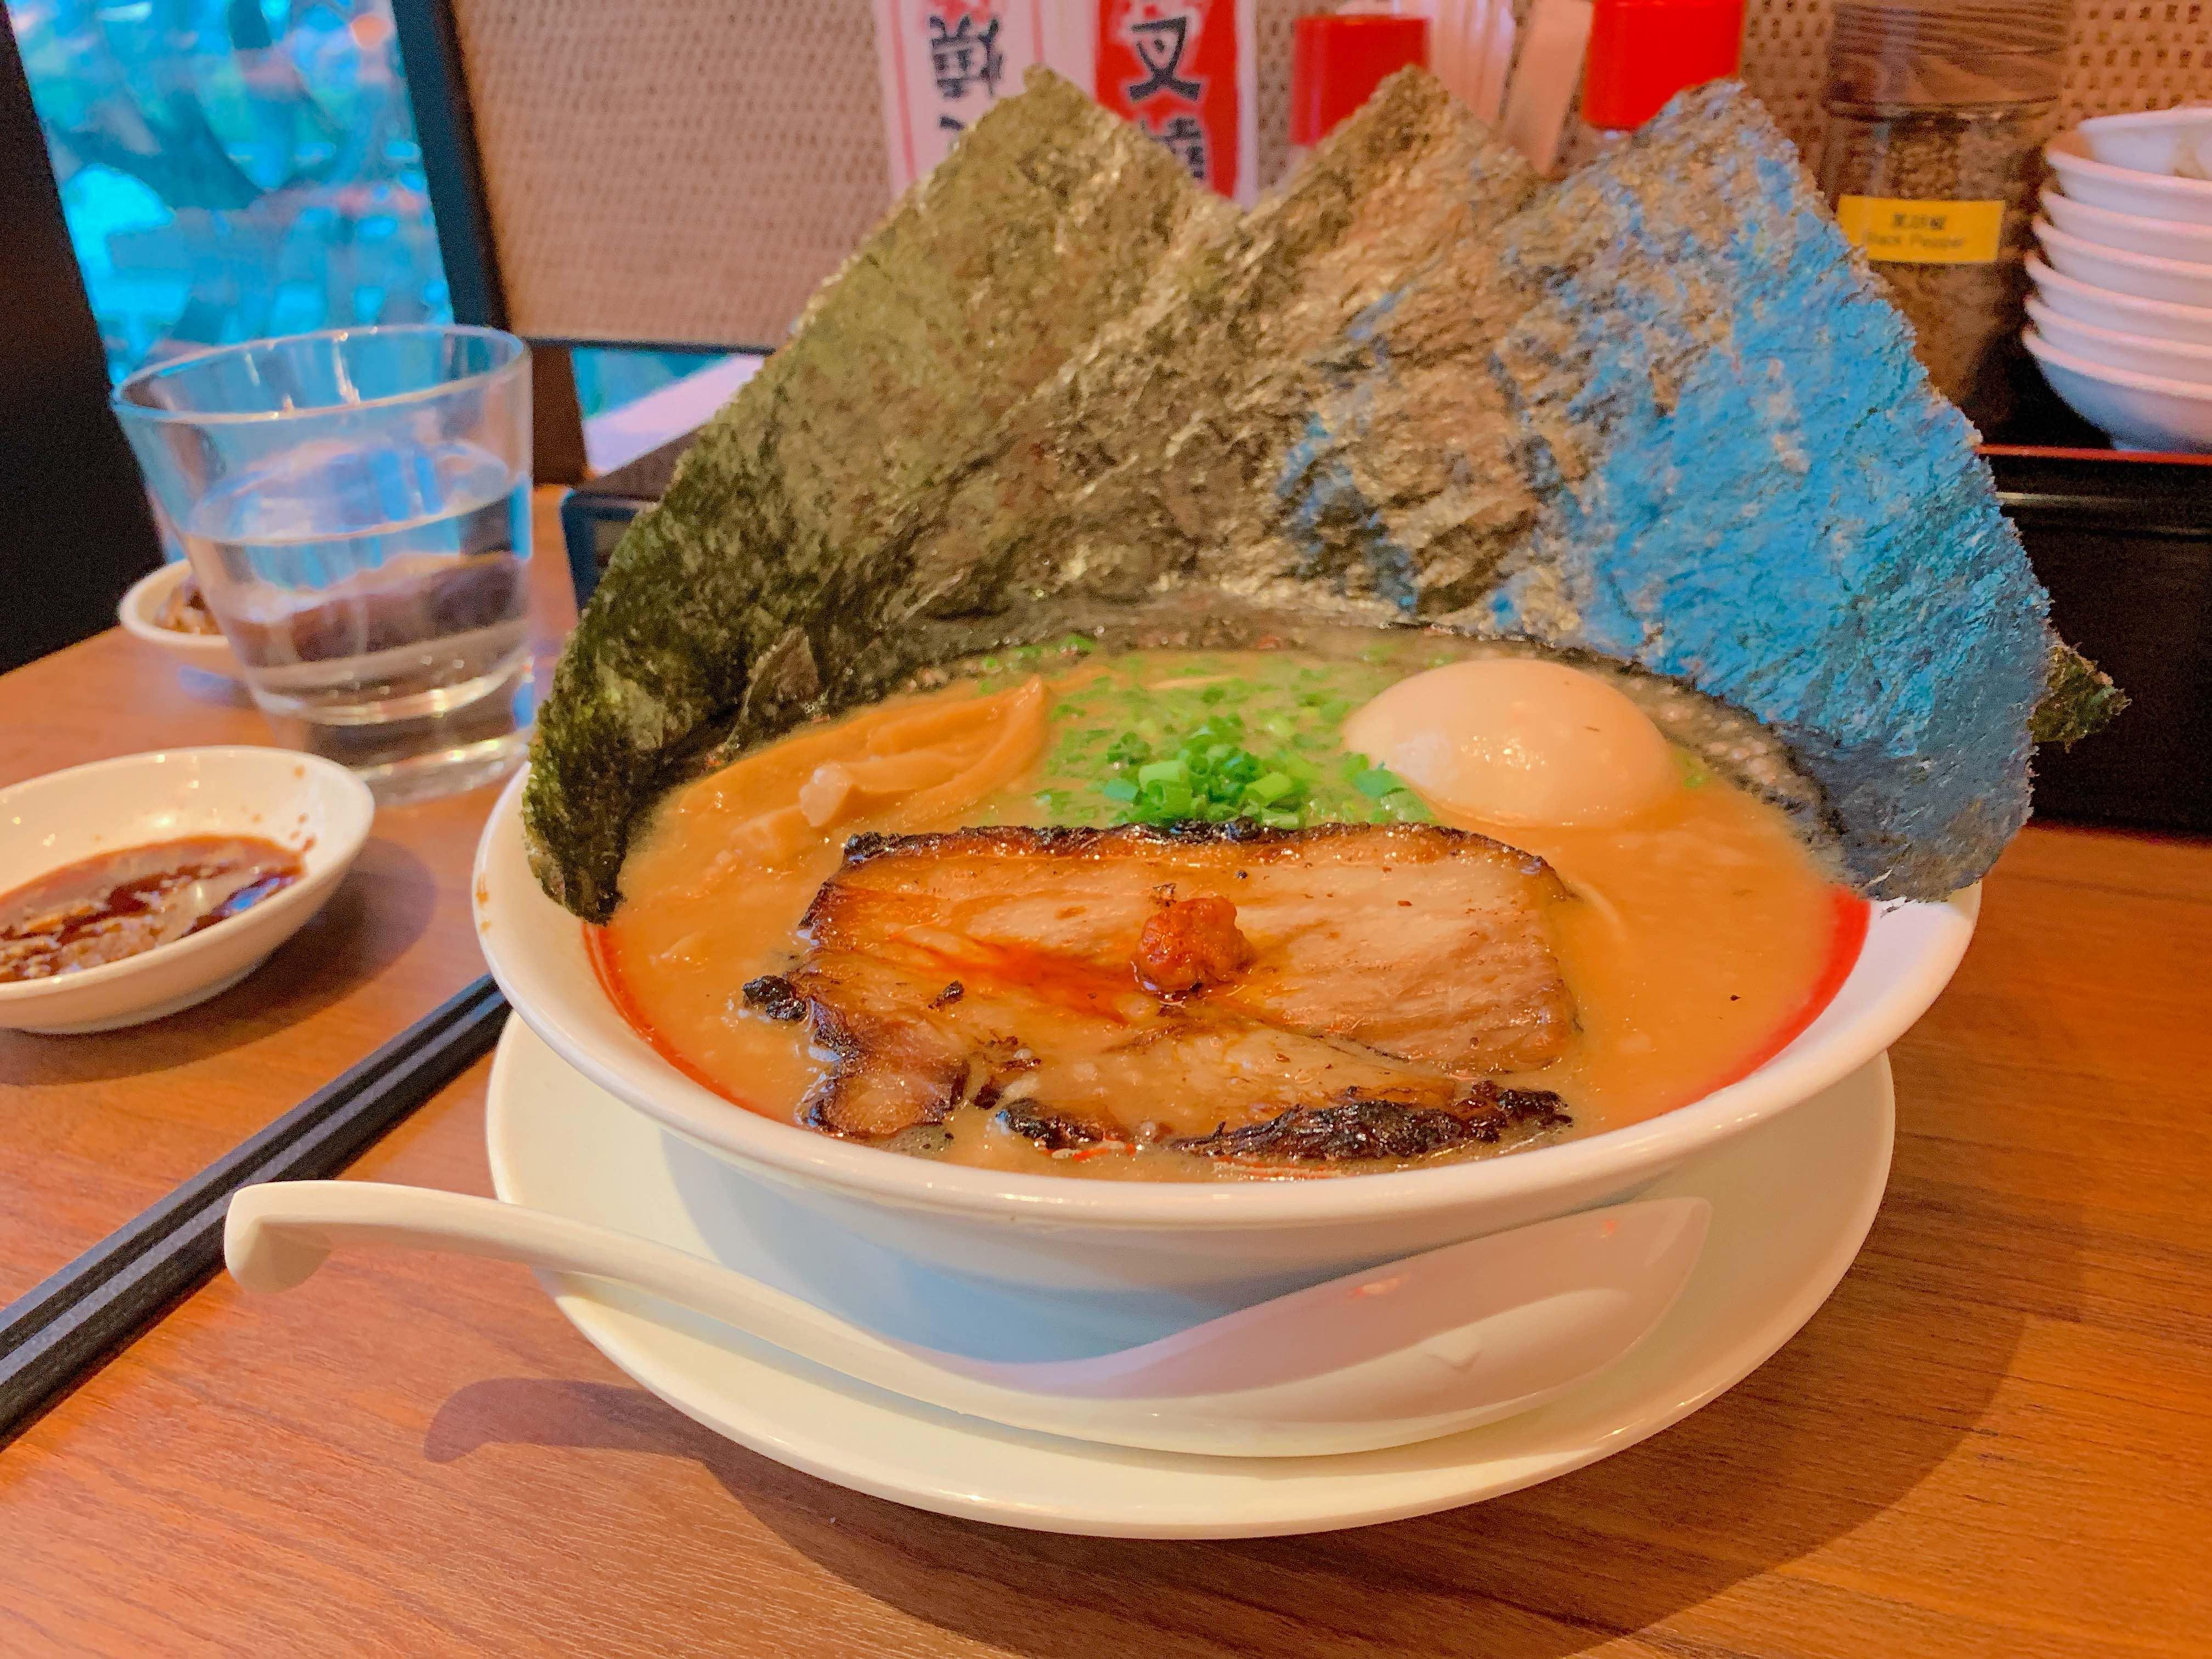 廣島最強濃厚豚骨拉麵「霸嗎拉麵」